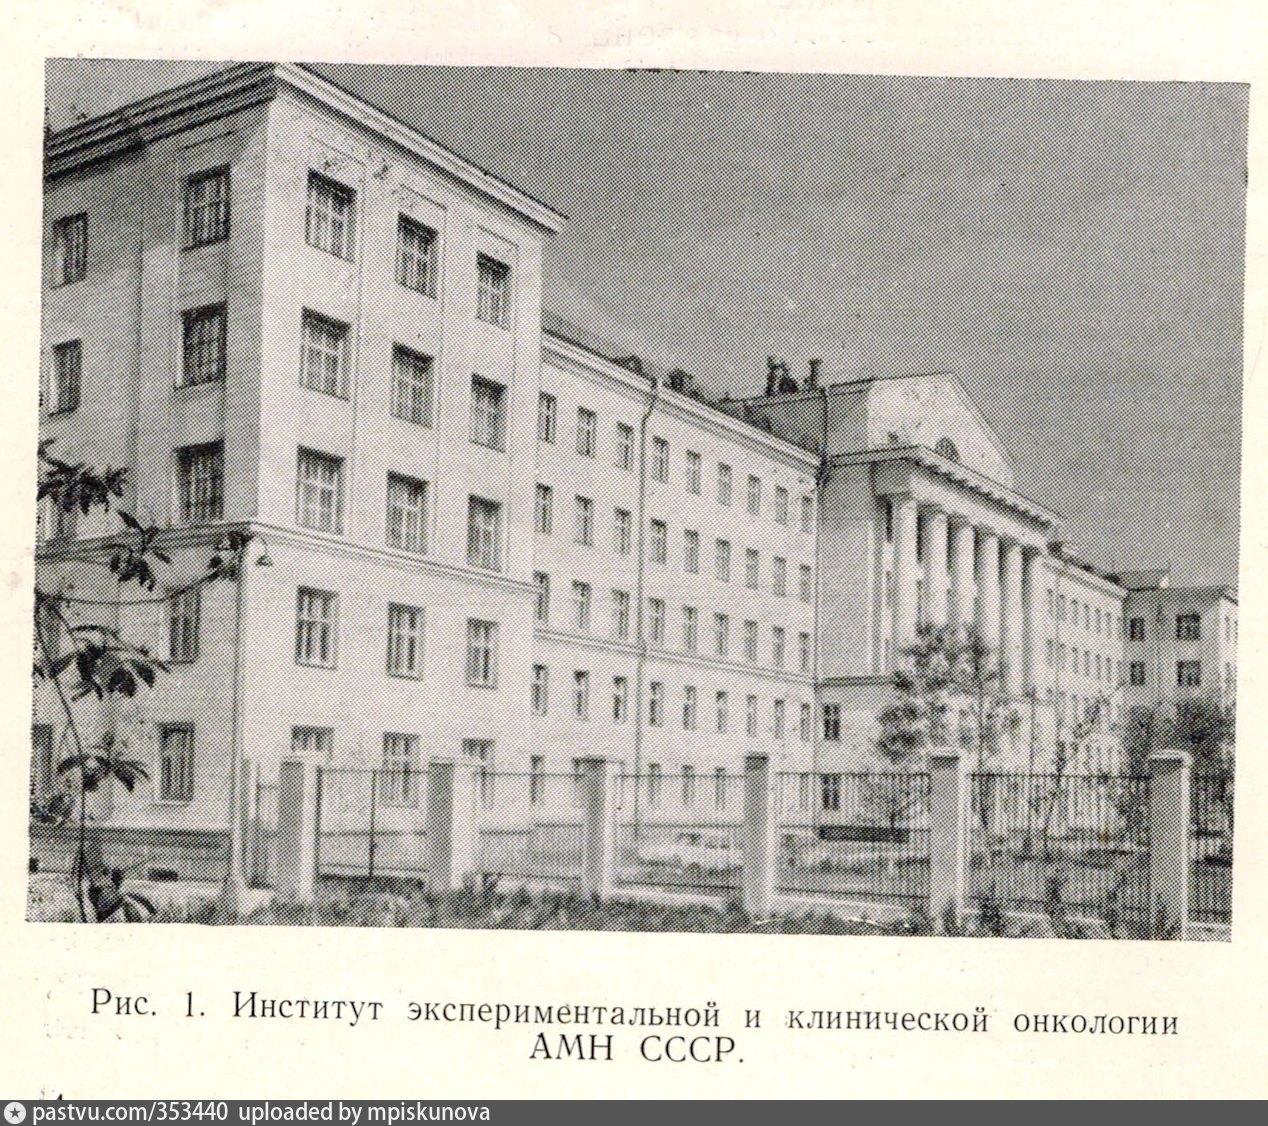 Научная библиотека института экспериментальной медицины была создана в 1891